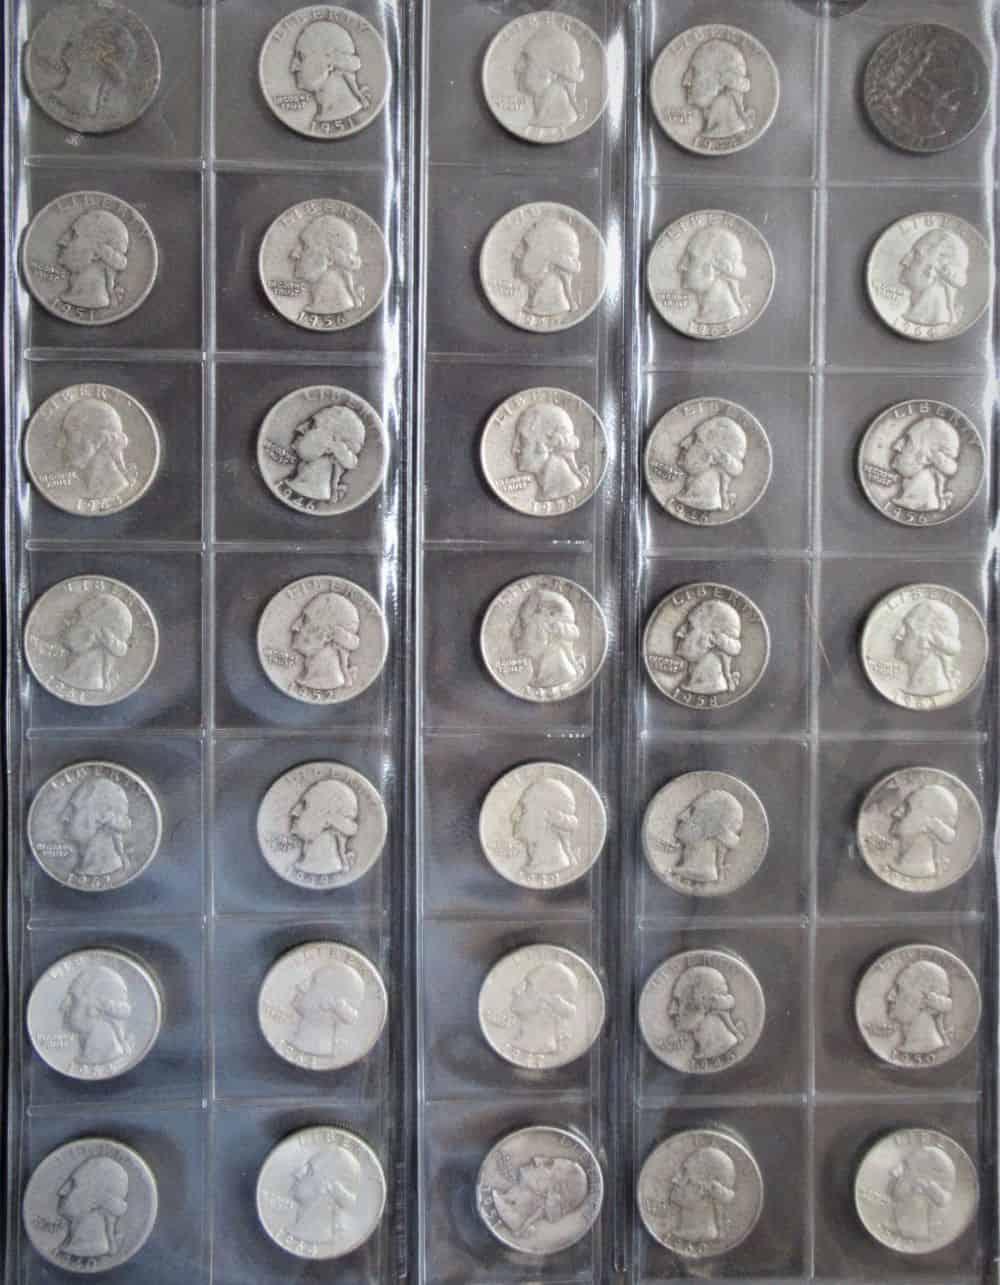 35 מטבעות רבע דולר עשוי כסף 0.900, משנים 1934 עד 1964. משקל כולל:217.36גרם.